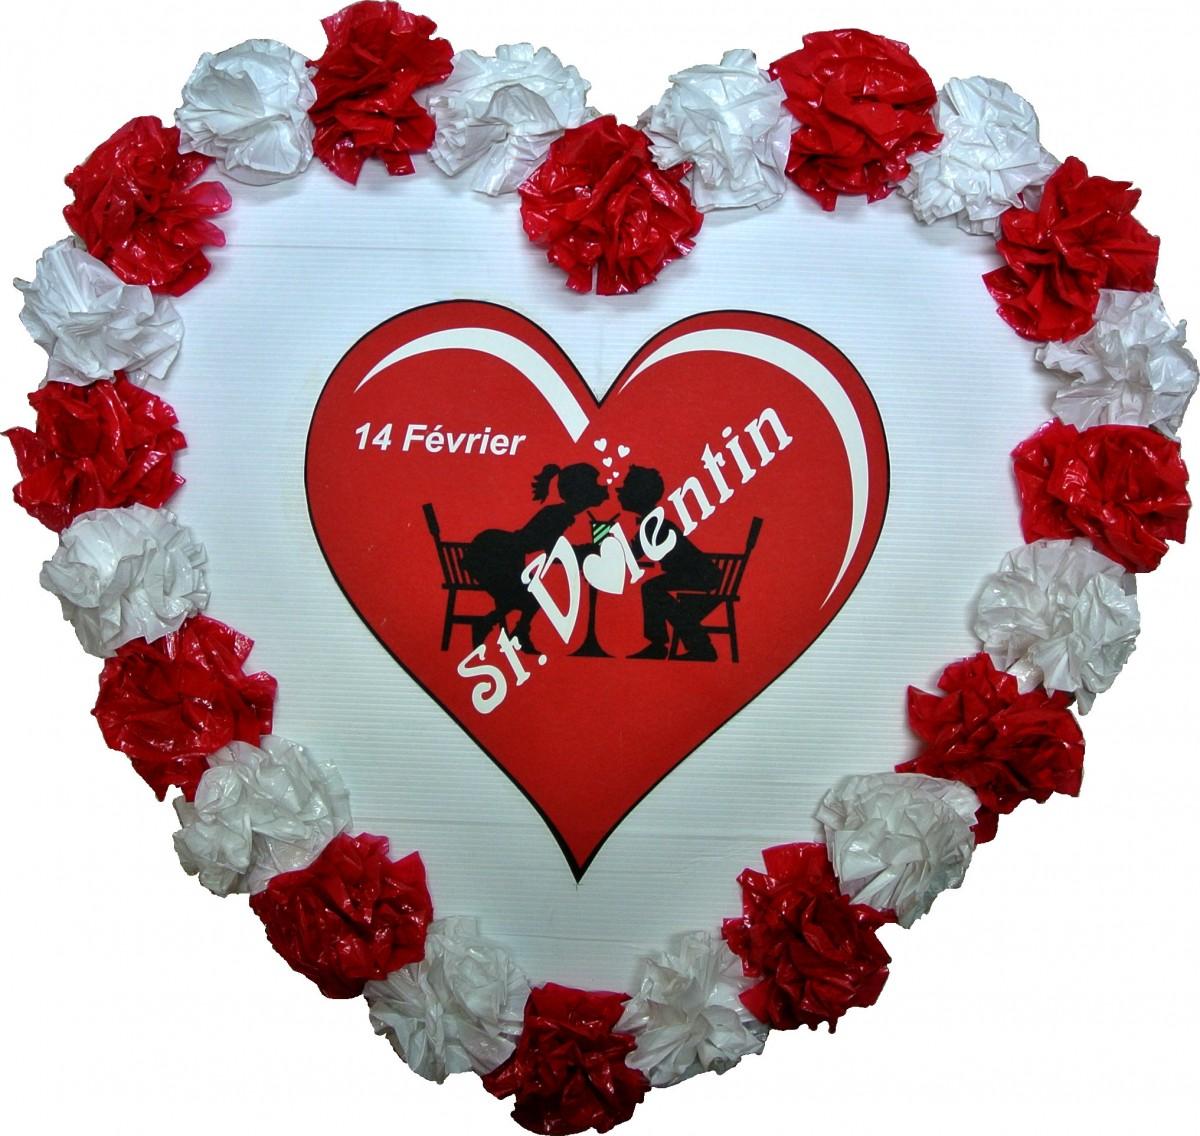 coeur akylux décoré st-valentin 61 cm – atouts imprim